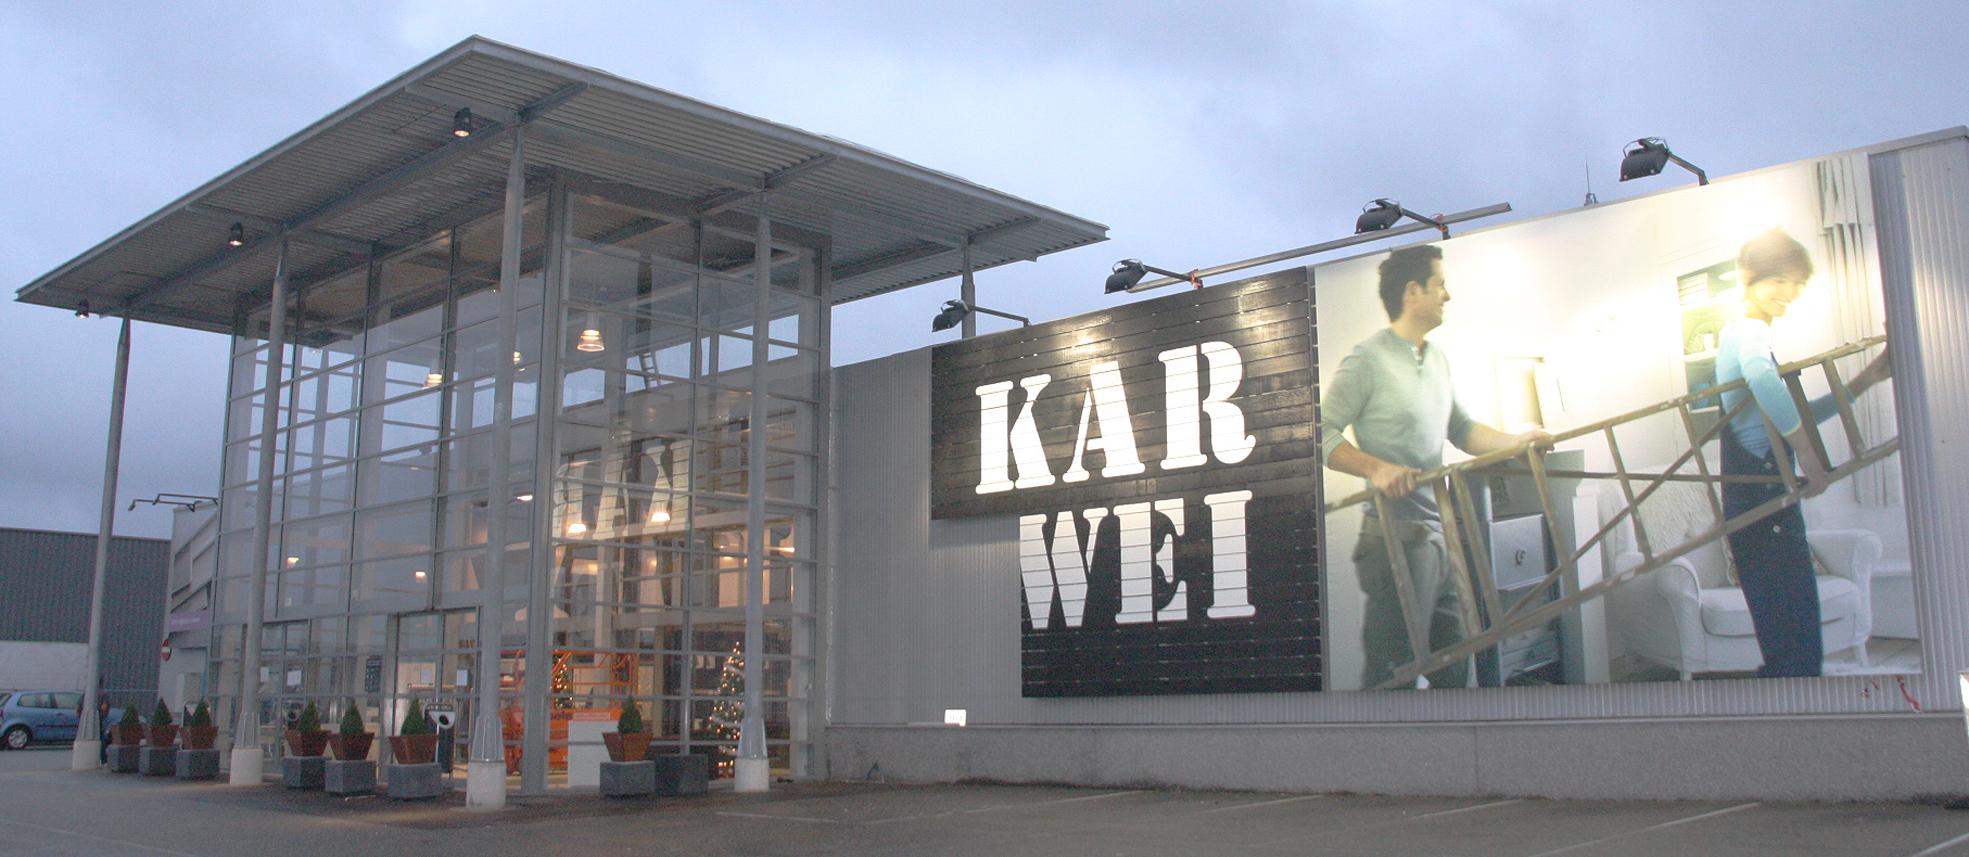 KARWEI Landgraaf 5646.jpg